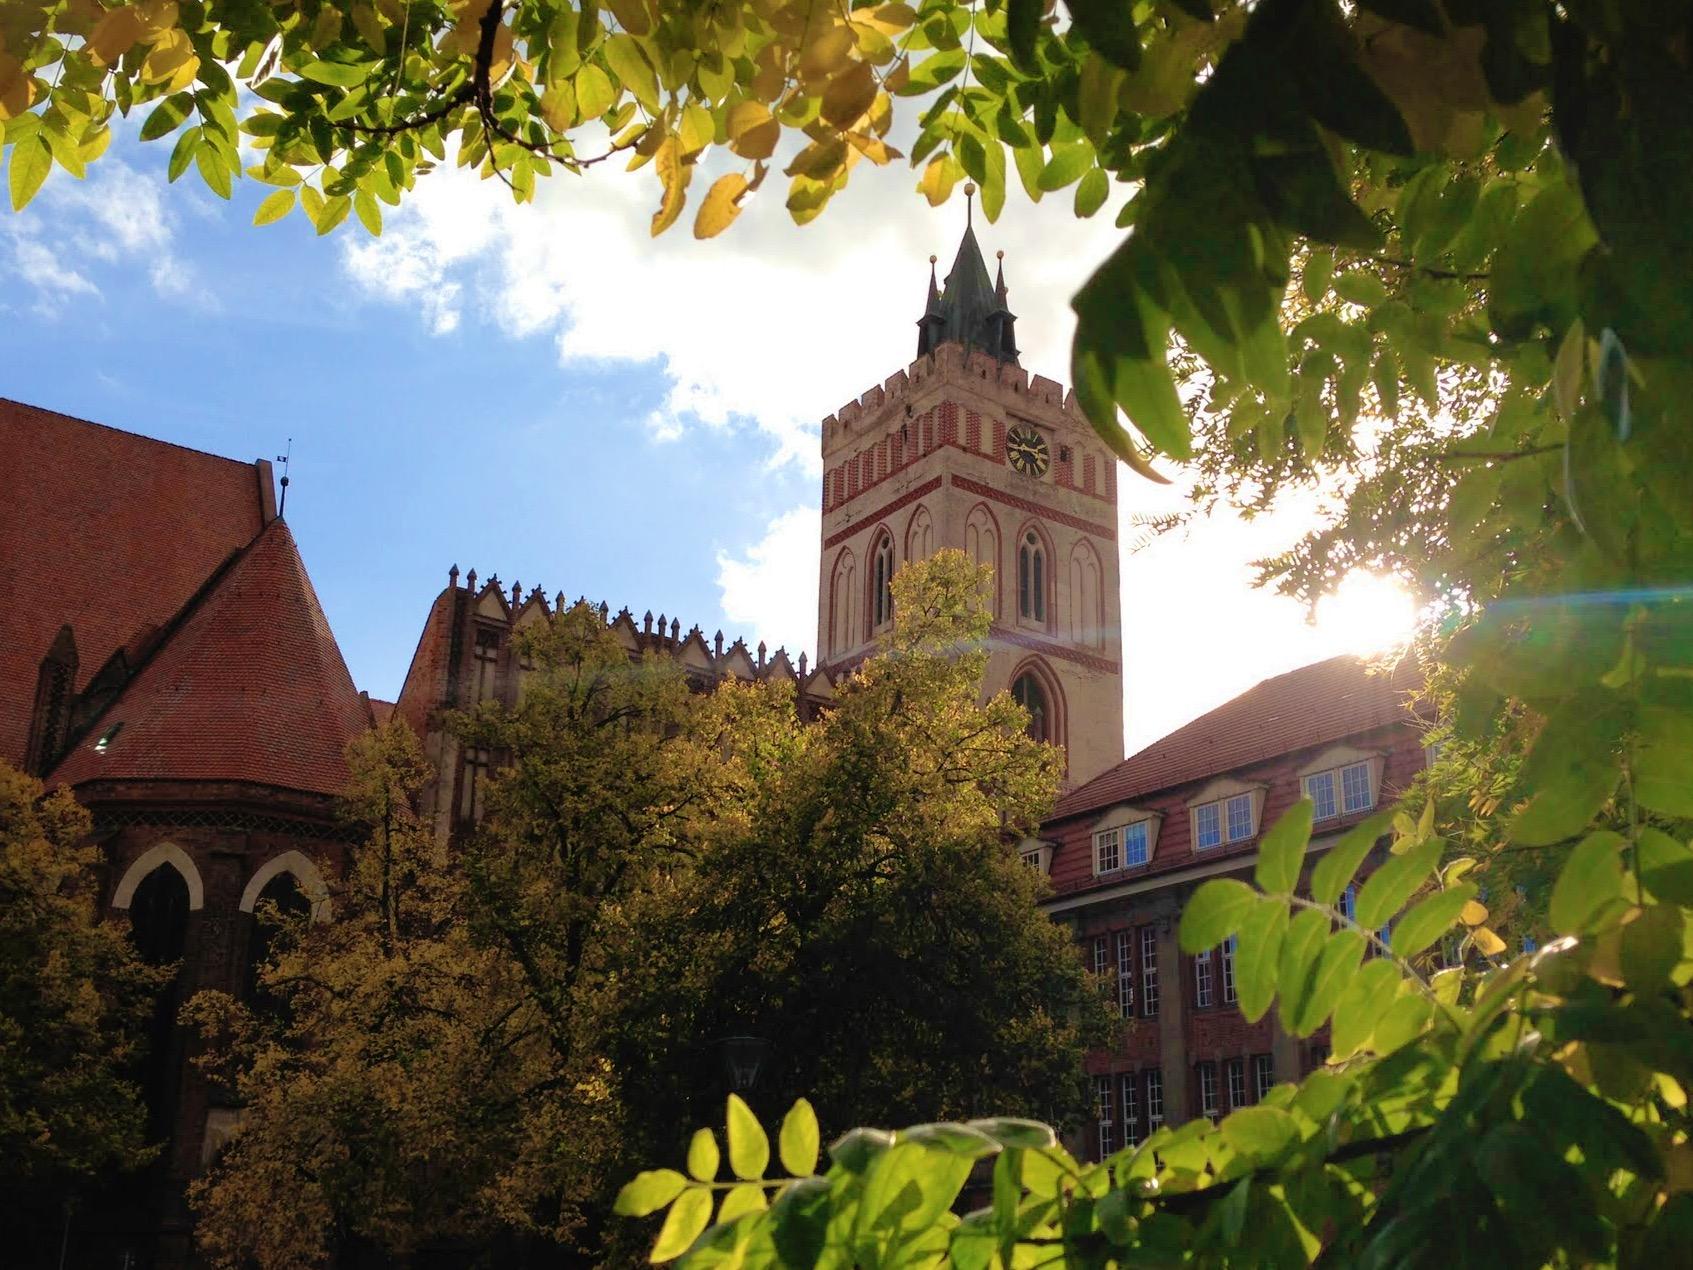 Sonnenstrahlen zwischen Blättern - Fotoidee für den Herbst